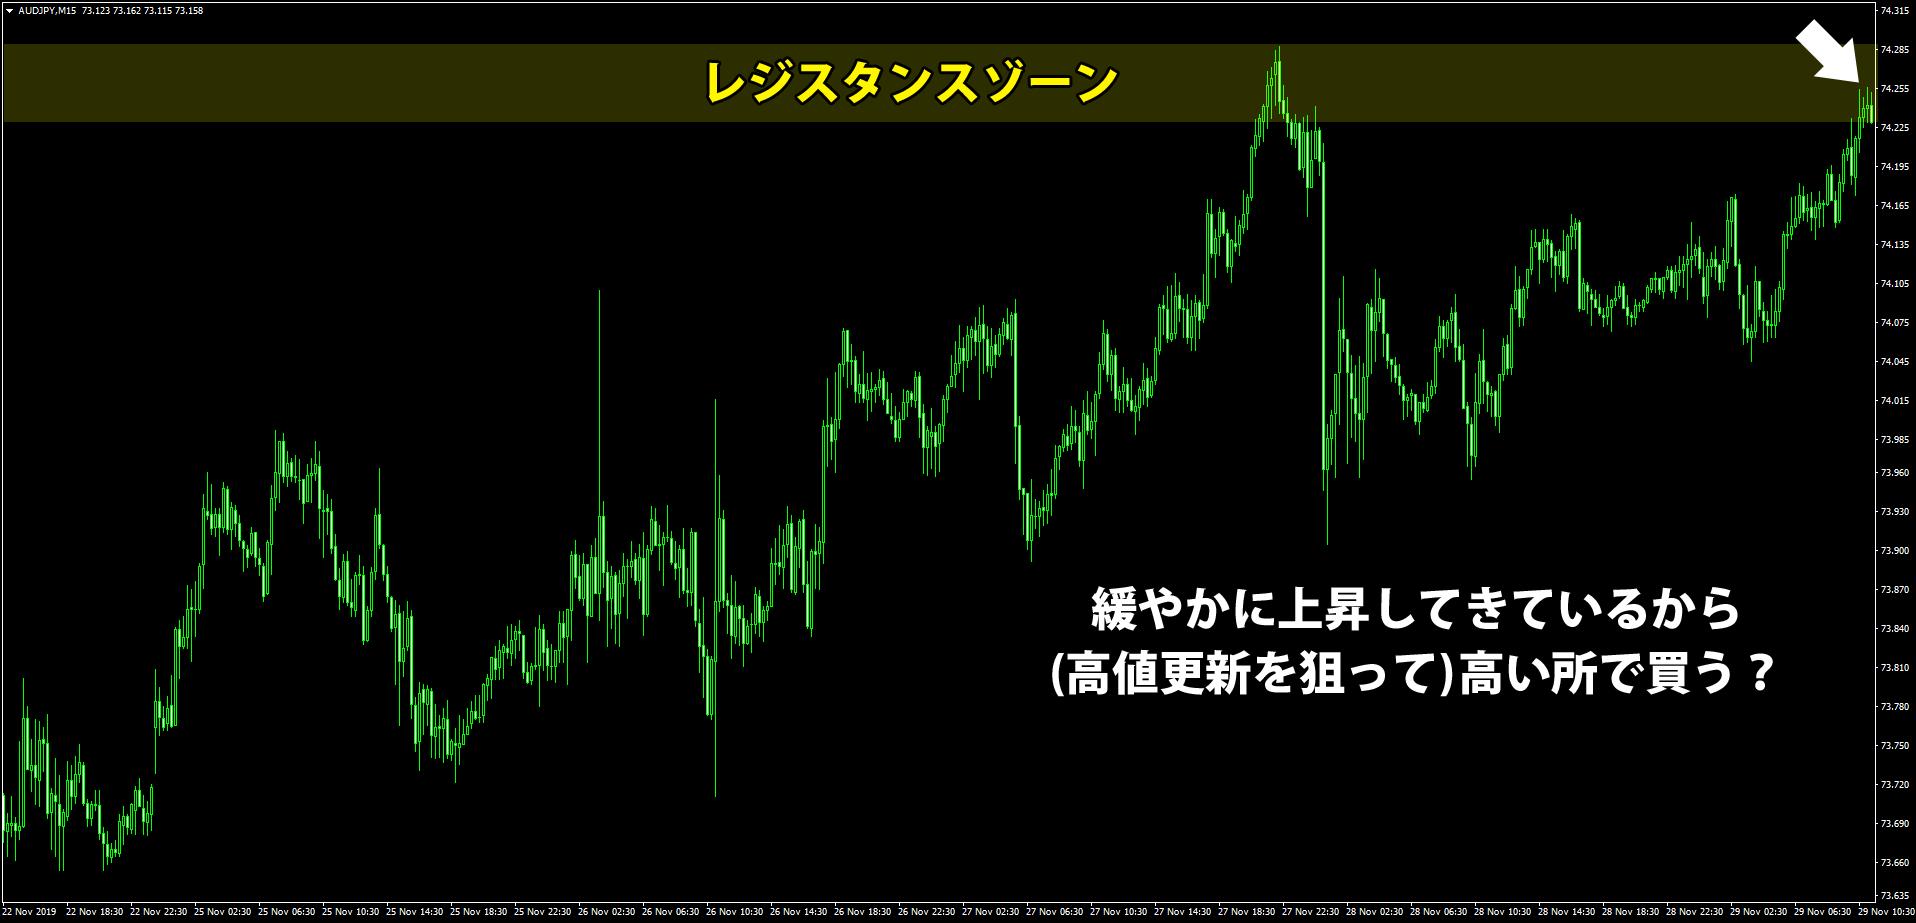 オージー円15分足のチャート